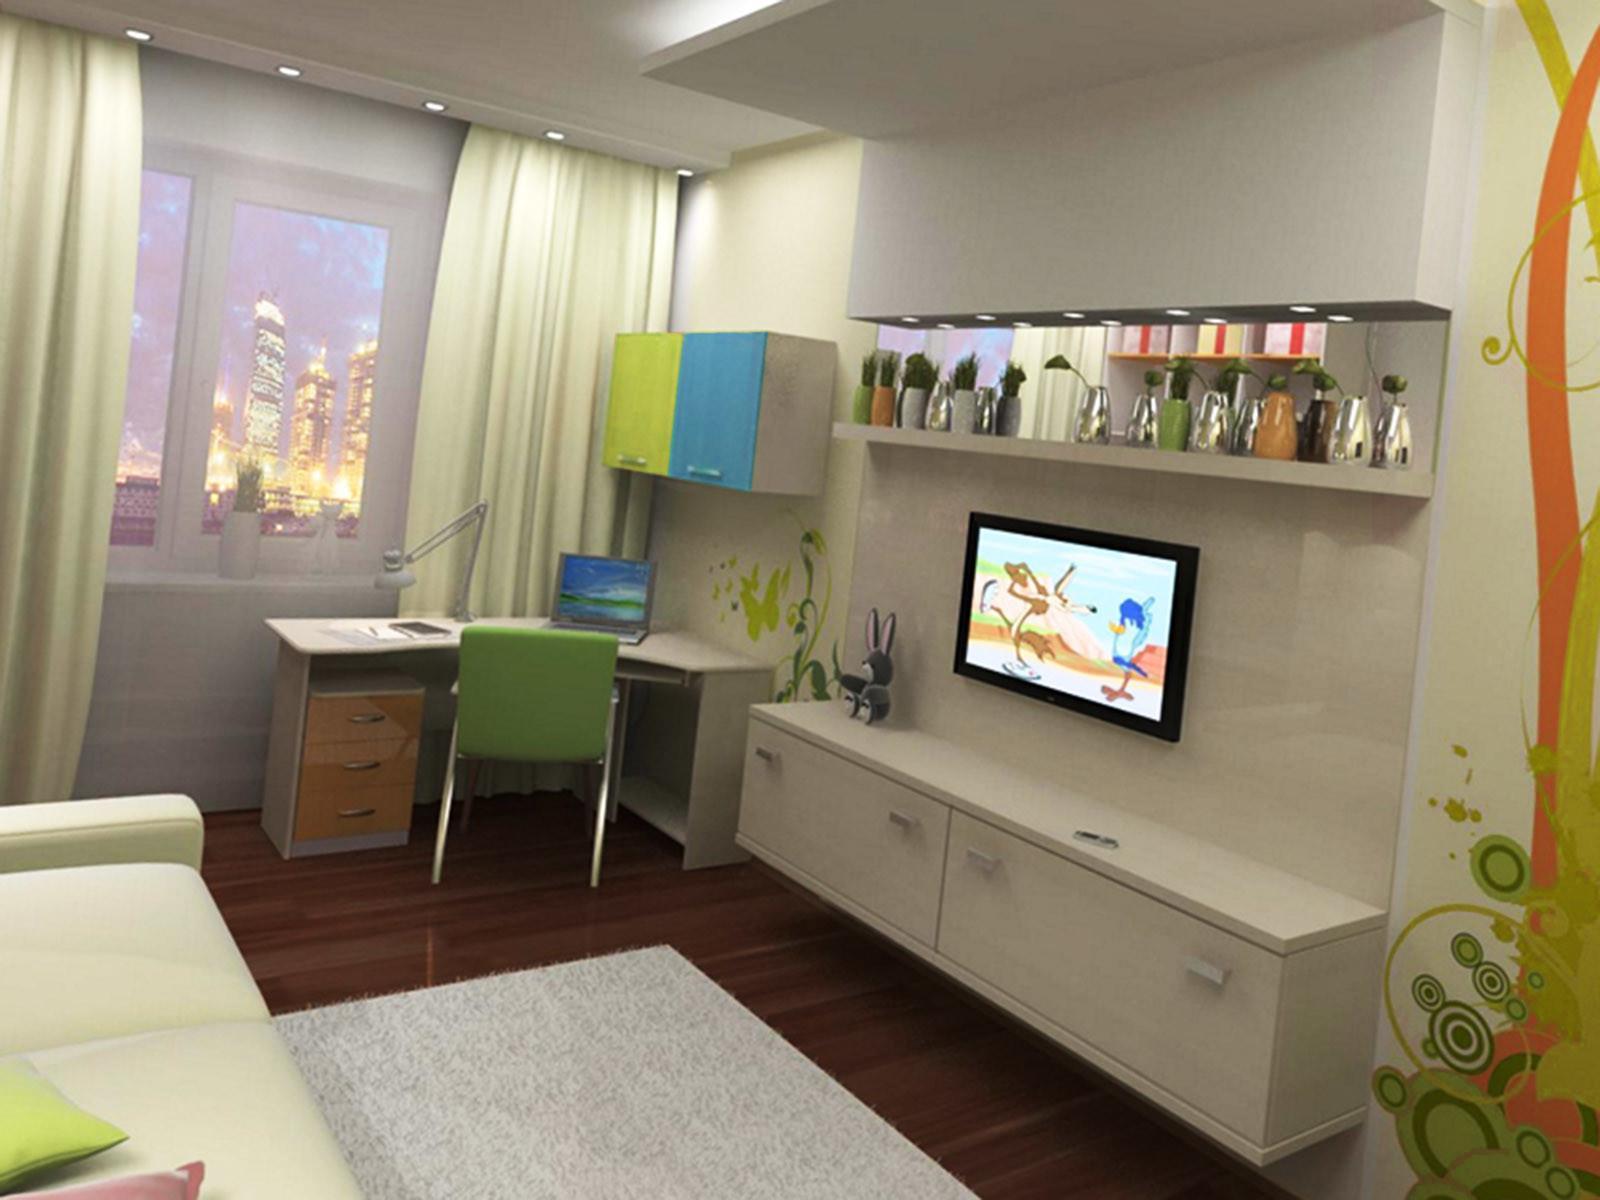 Небольшая мебель, футор, в декорировании будущей небольшой комнаты